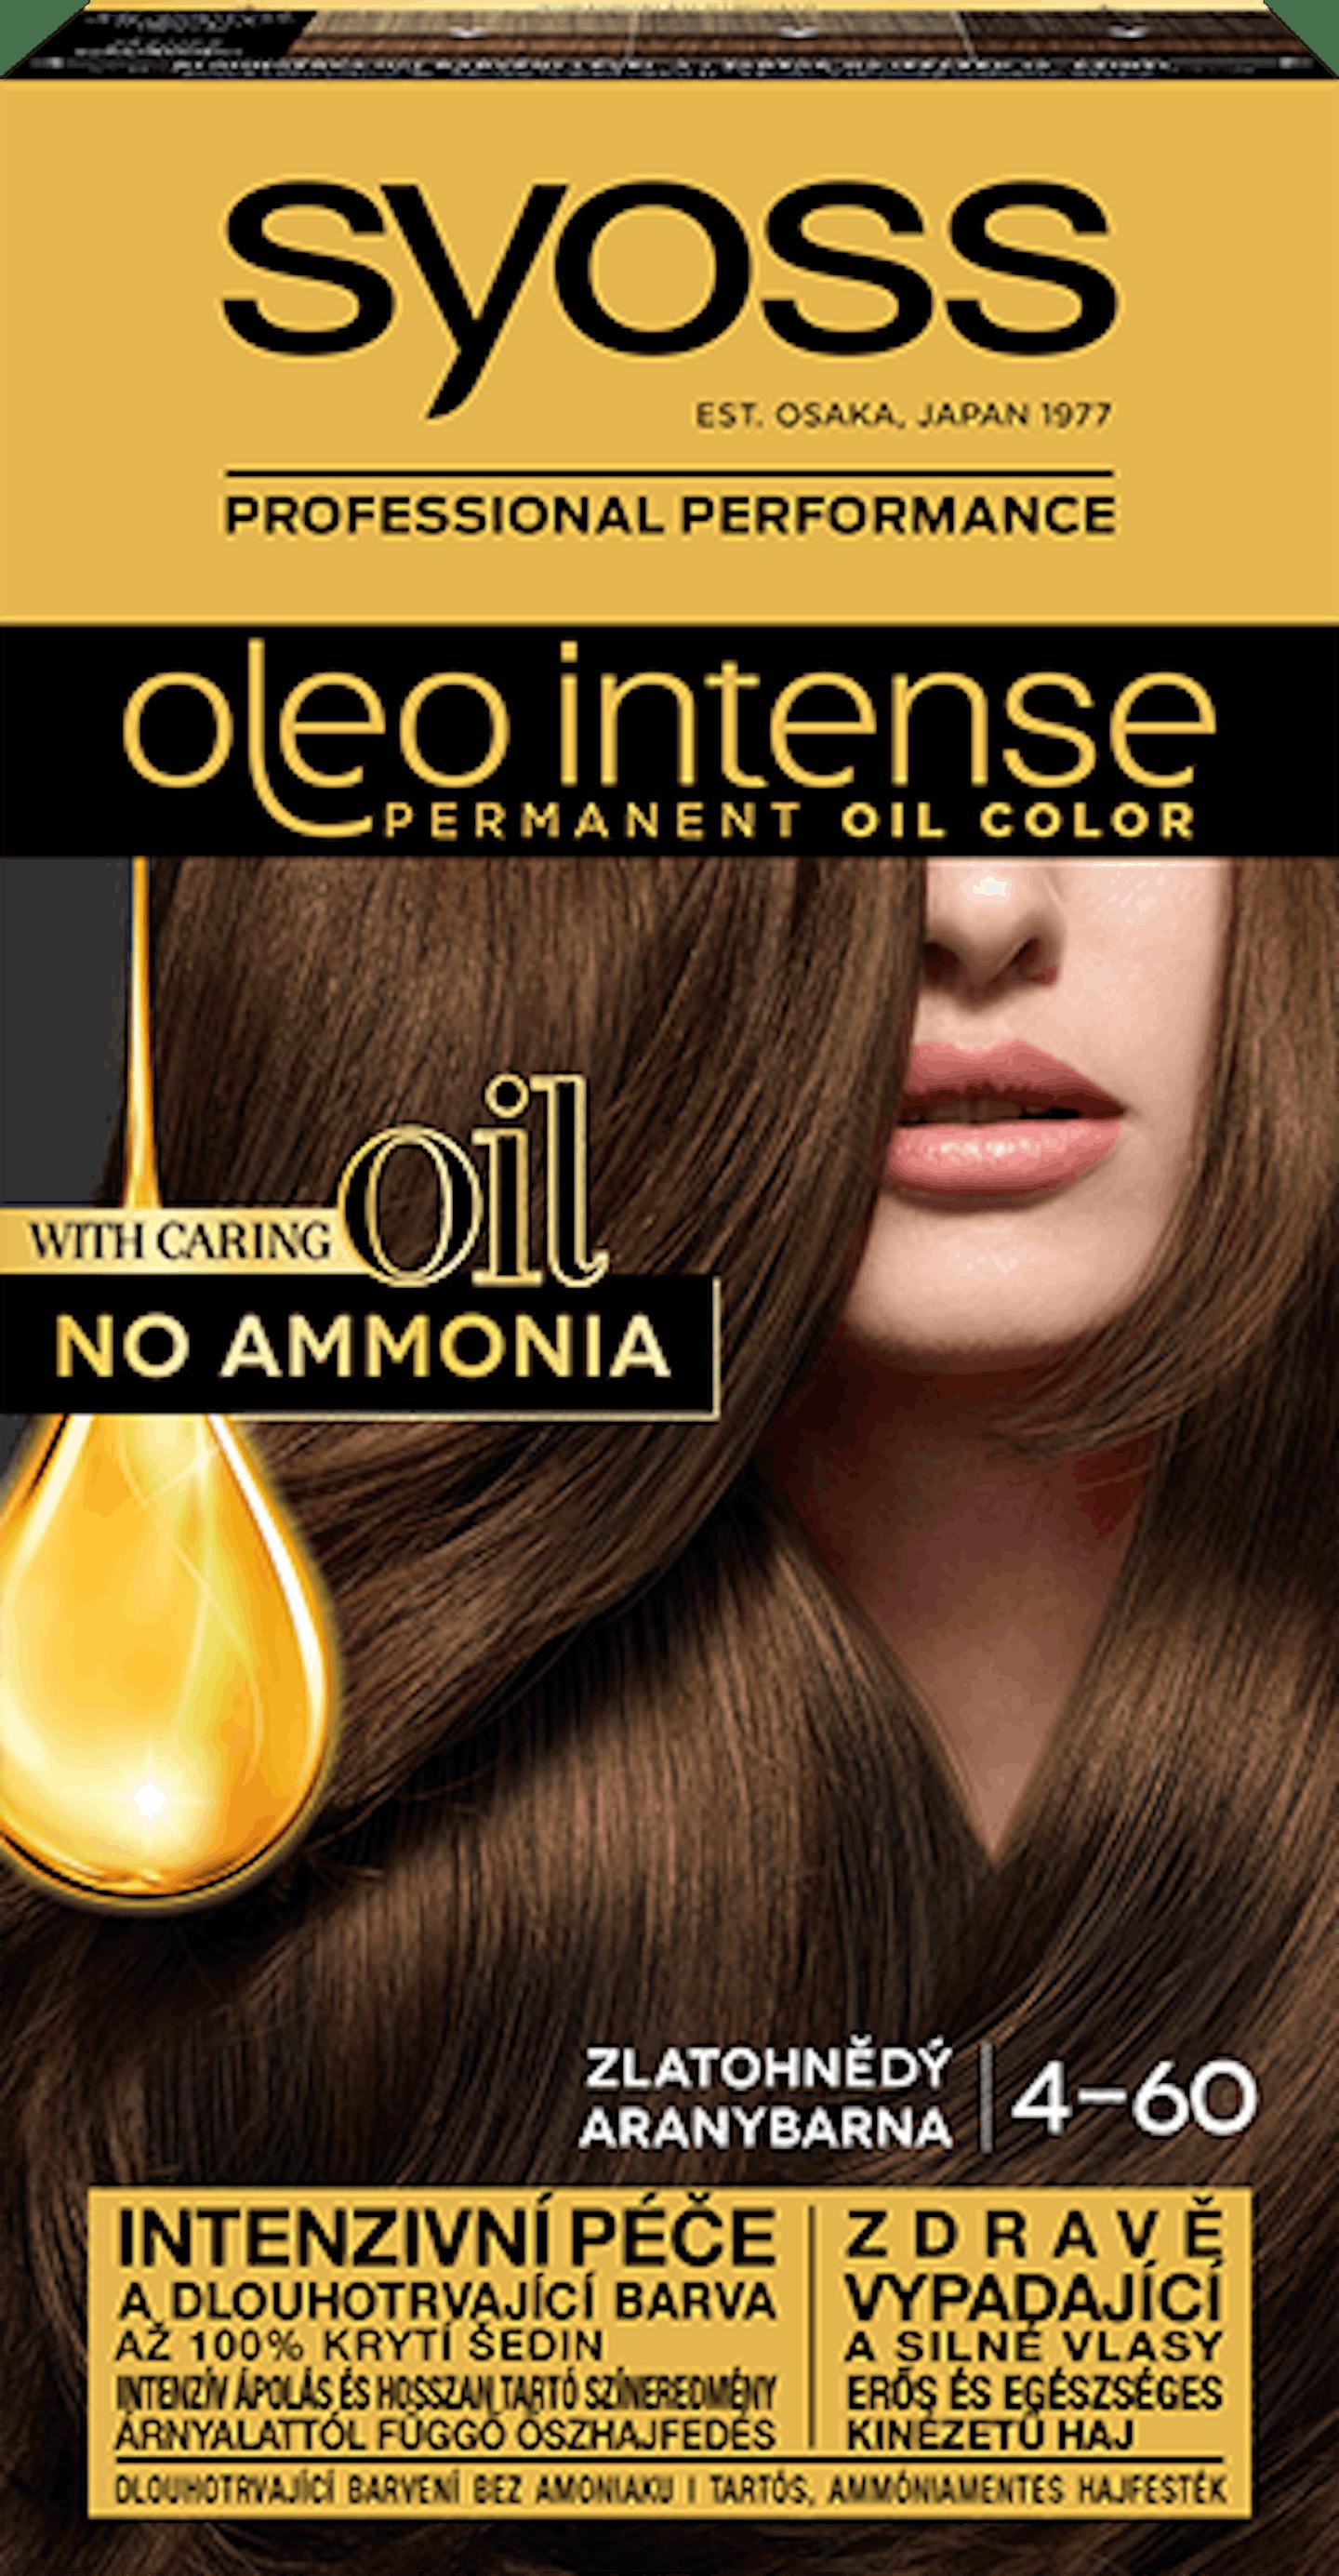 Oleo intense vopsea permanentă cu ulei - nuanta șaten auriu 4-60